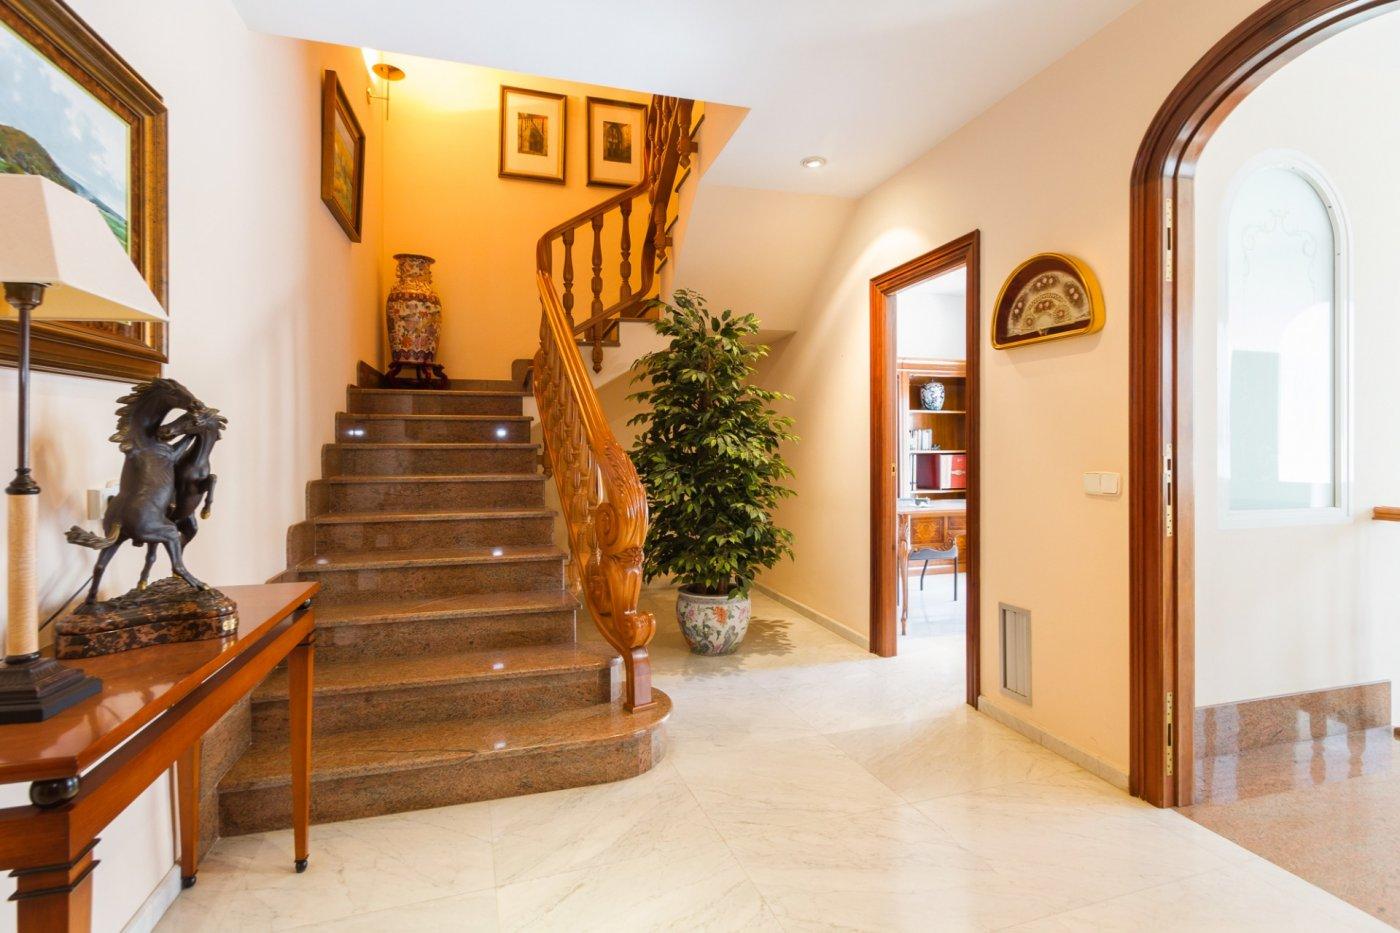 Gran casa en gandia de 800 m2 con casa de verano y nave de 300m2 - imagenInmueble14